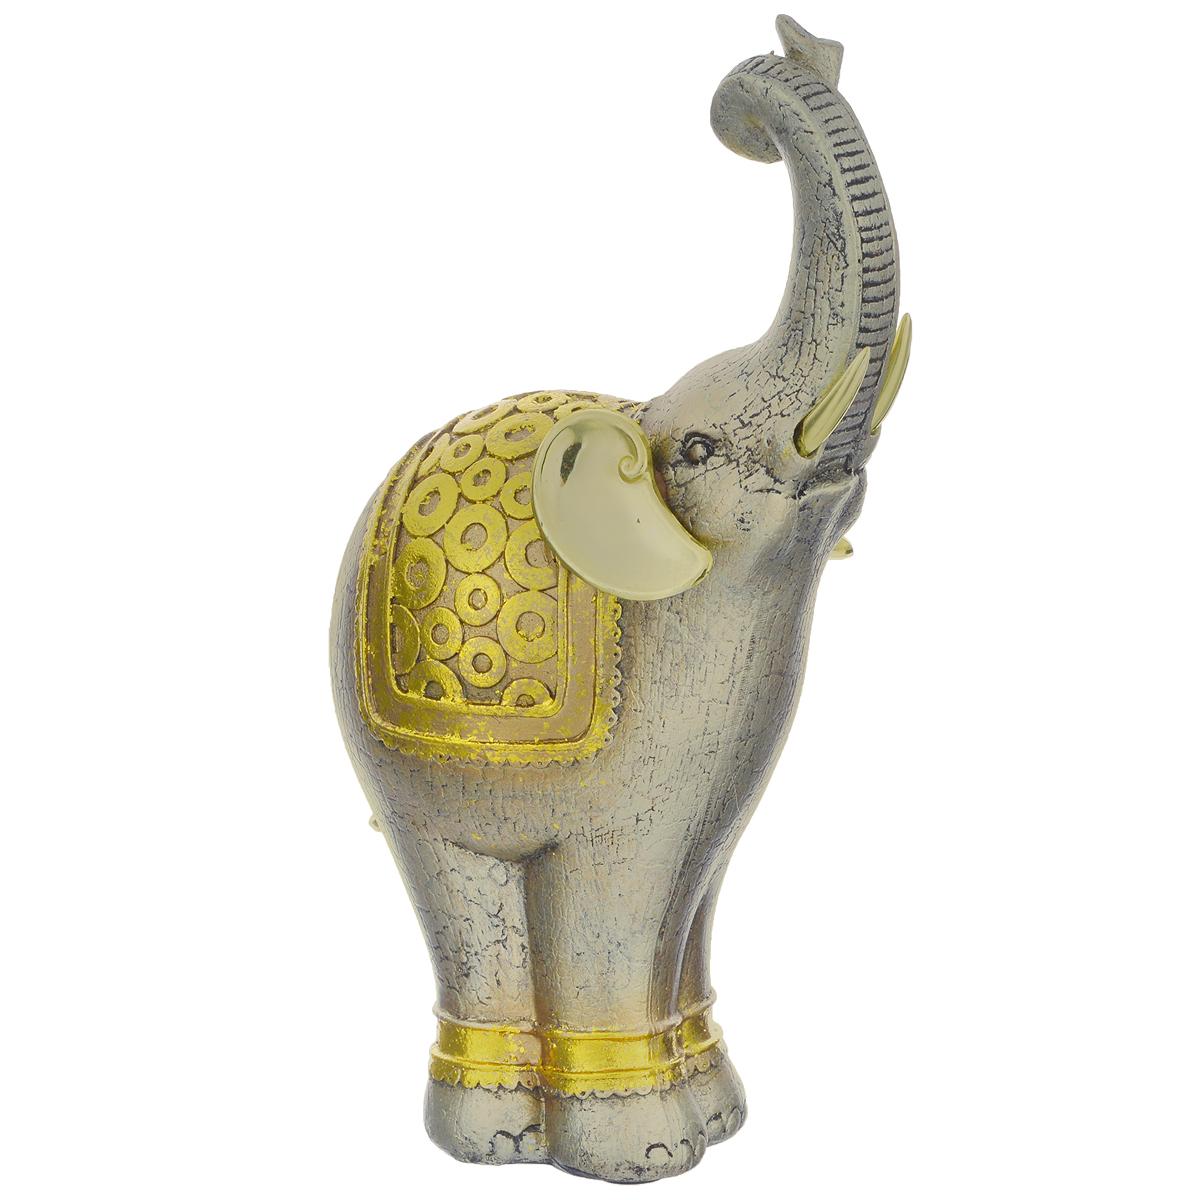 Фигурка декоративная Molento Золотой слон, высота 26 см549-036Декоративная фигура Molento Золотой слон, изготовленная из полистоуна, позволит вам украсить интерьер дома, рабочего кабинета или любого другого помещения оригинальным образом. Изделие, выполненное в виде слона, оформлено рельефным рисунком и золотистым напылением.С такой декоративной фигурой вы сможете не просто внести в интерьер элемент оригинальности, но и создать атмосферу загадочности и изысканности.Размер фигурки: 15 см х 9 см х 26 см.